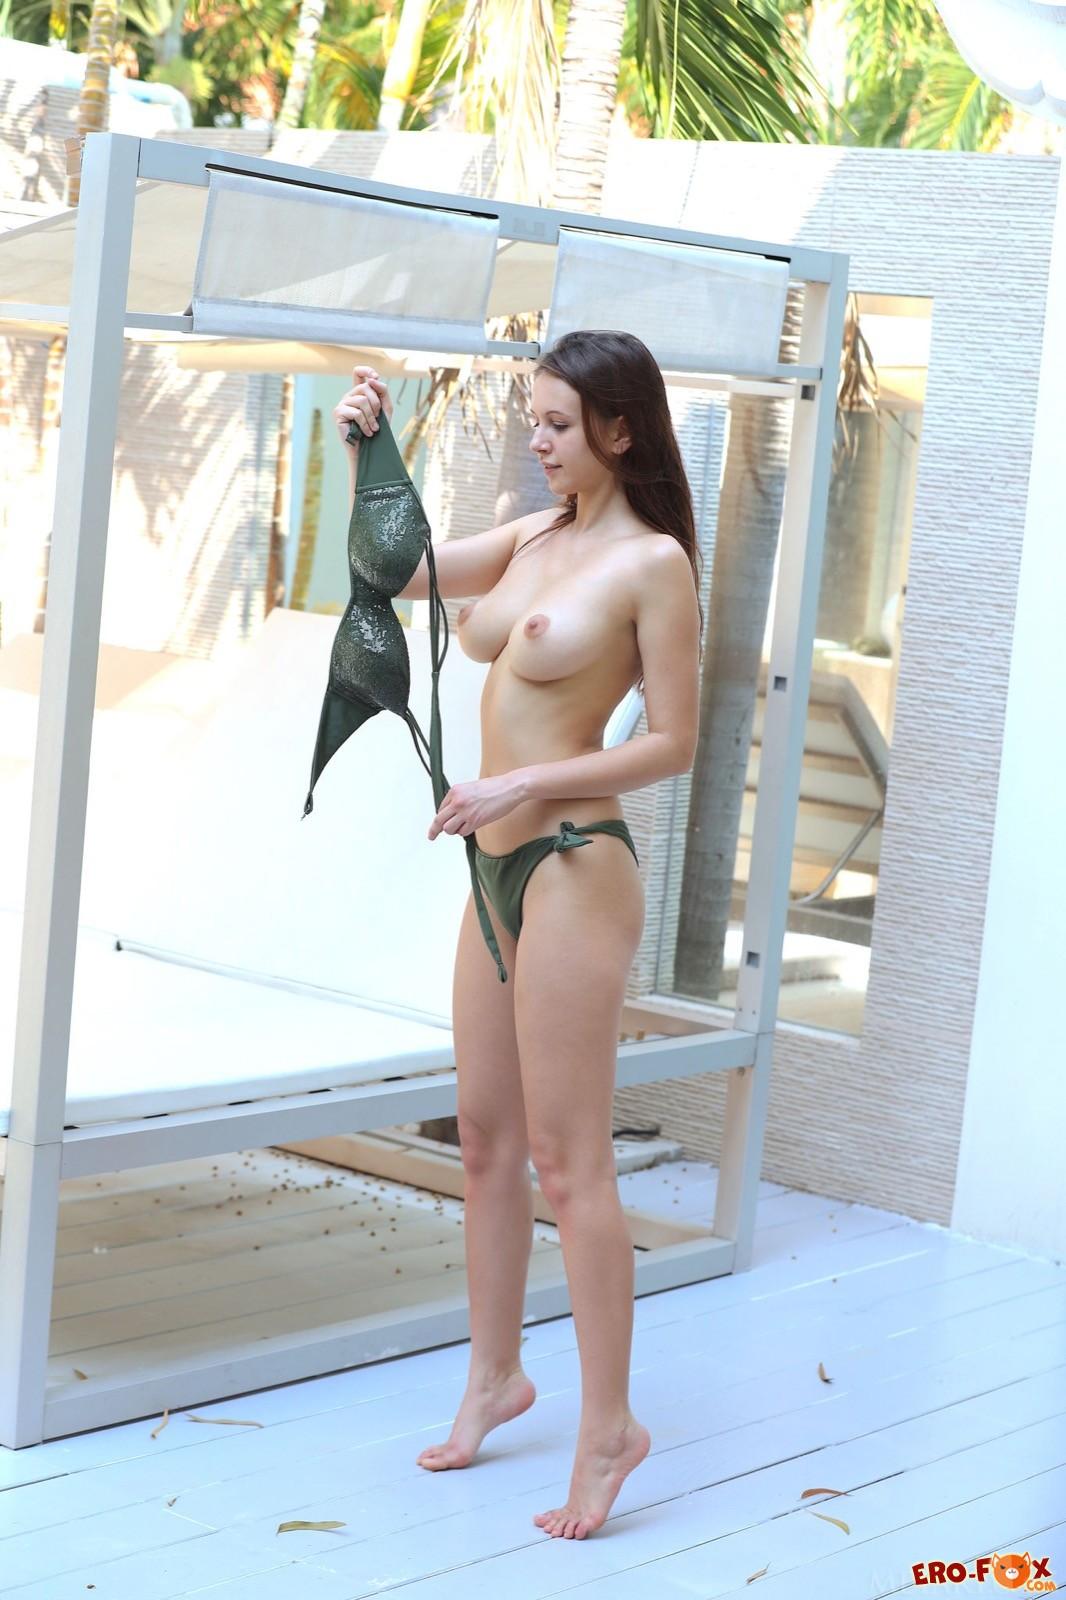 Девушка снимает белье показывая красивую грудь - фото